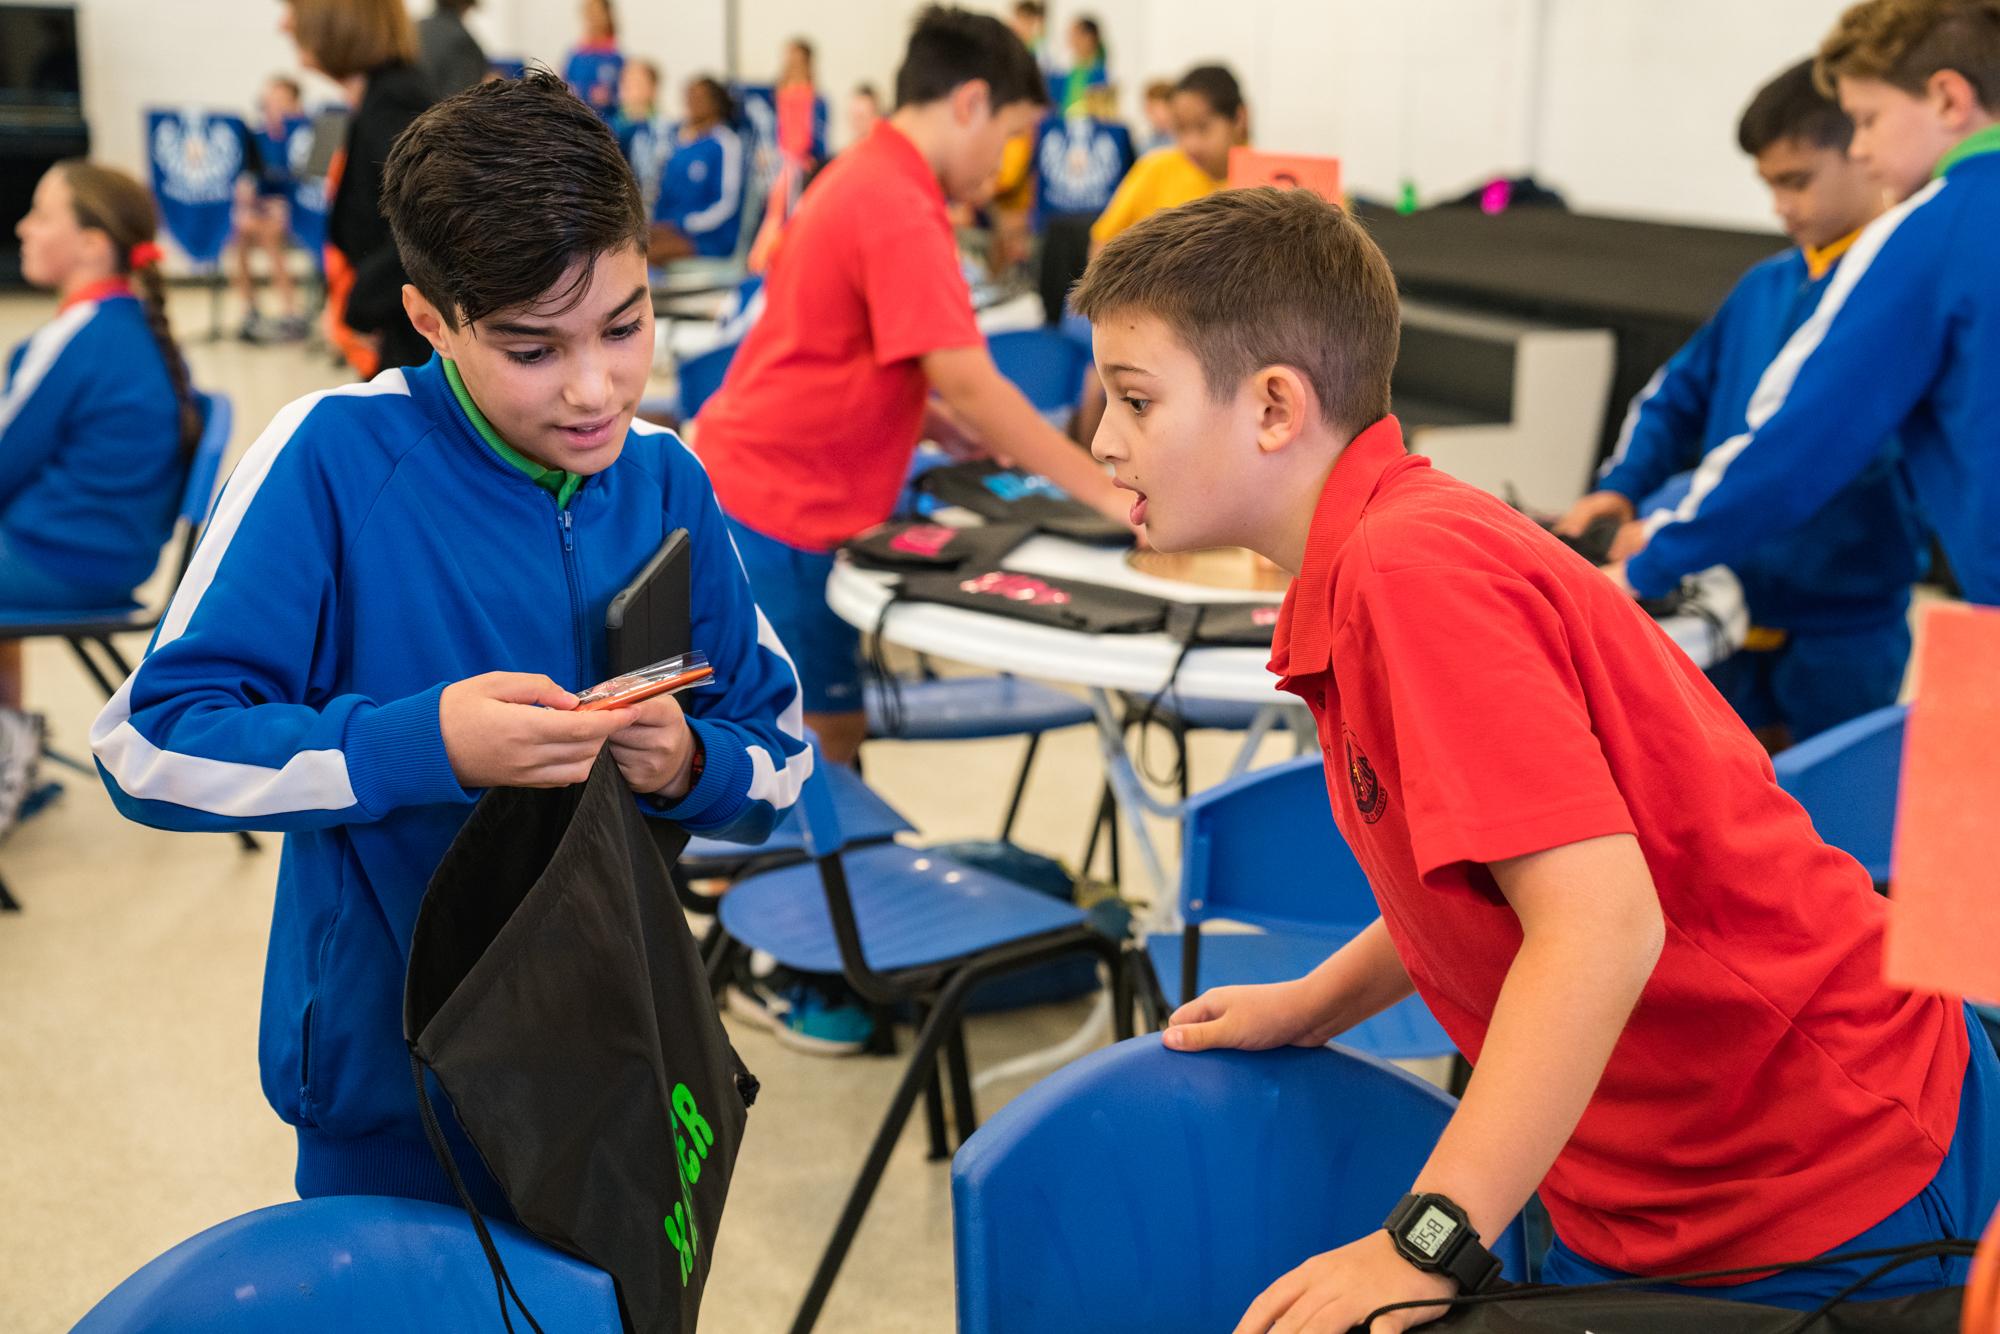 KidsiPadConference-9.jpg